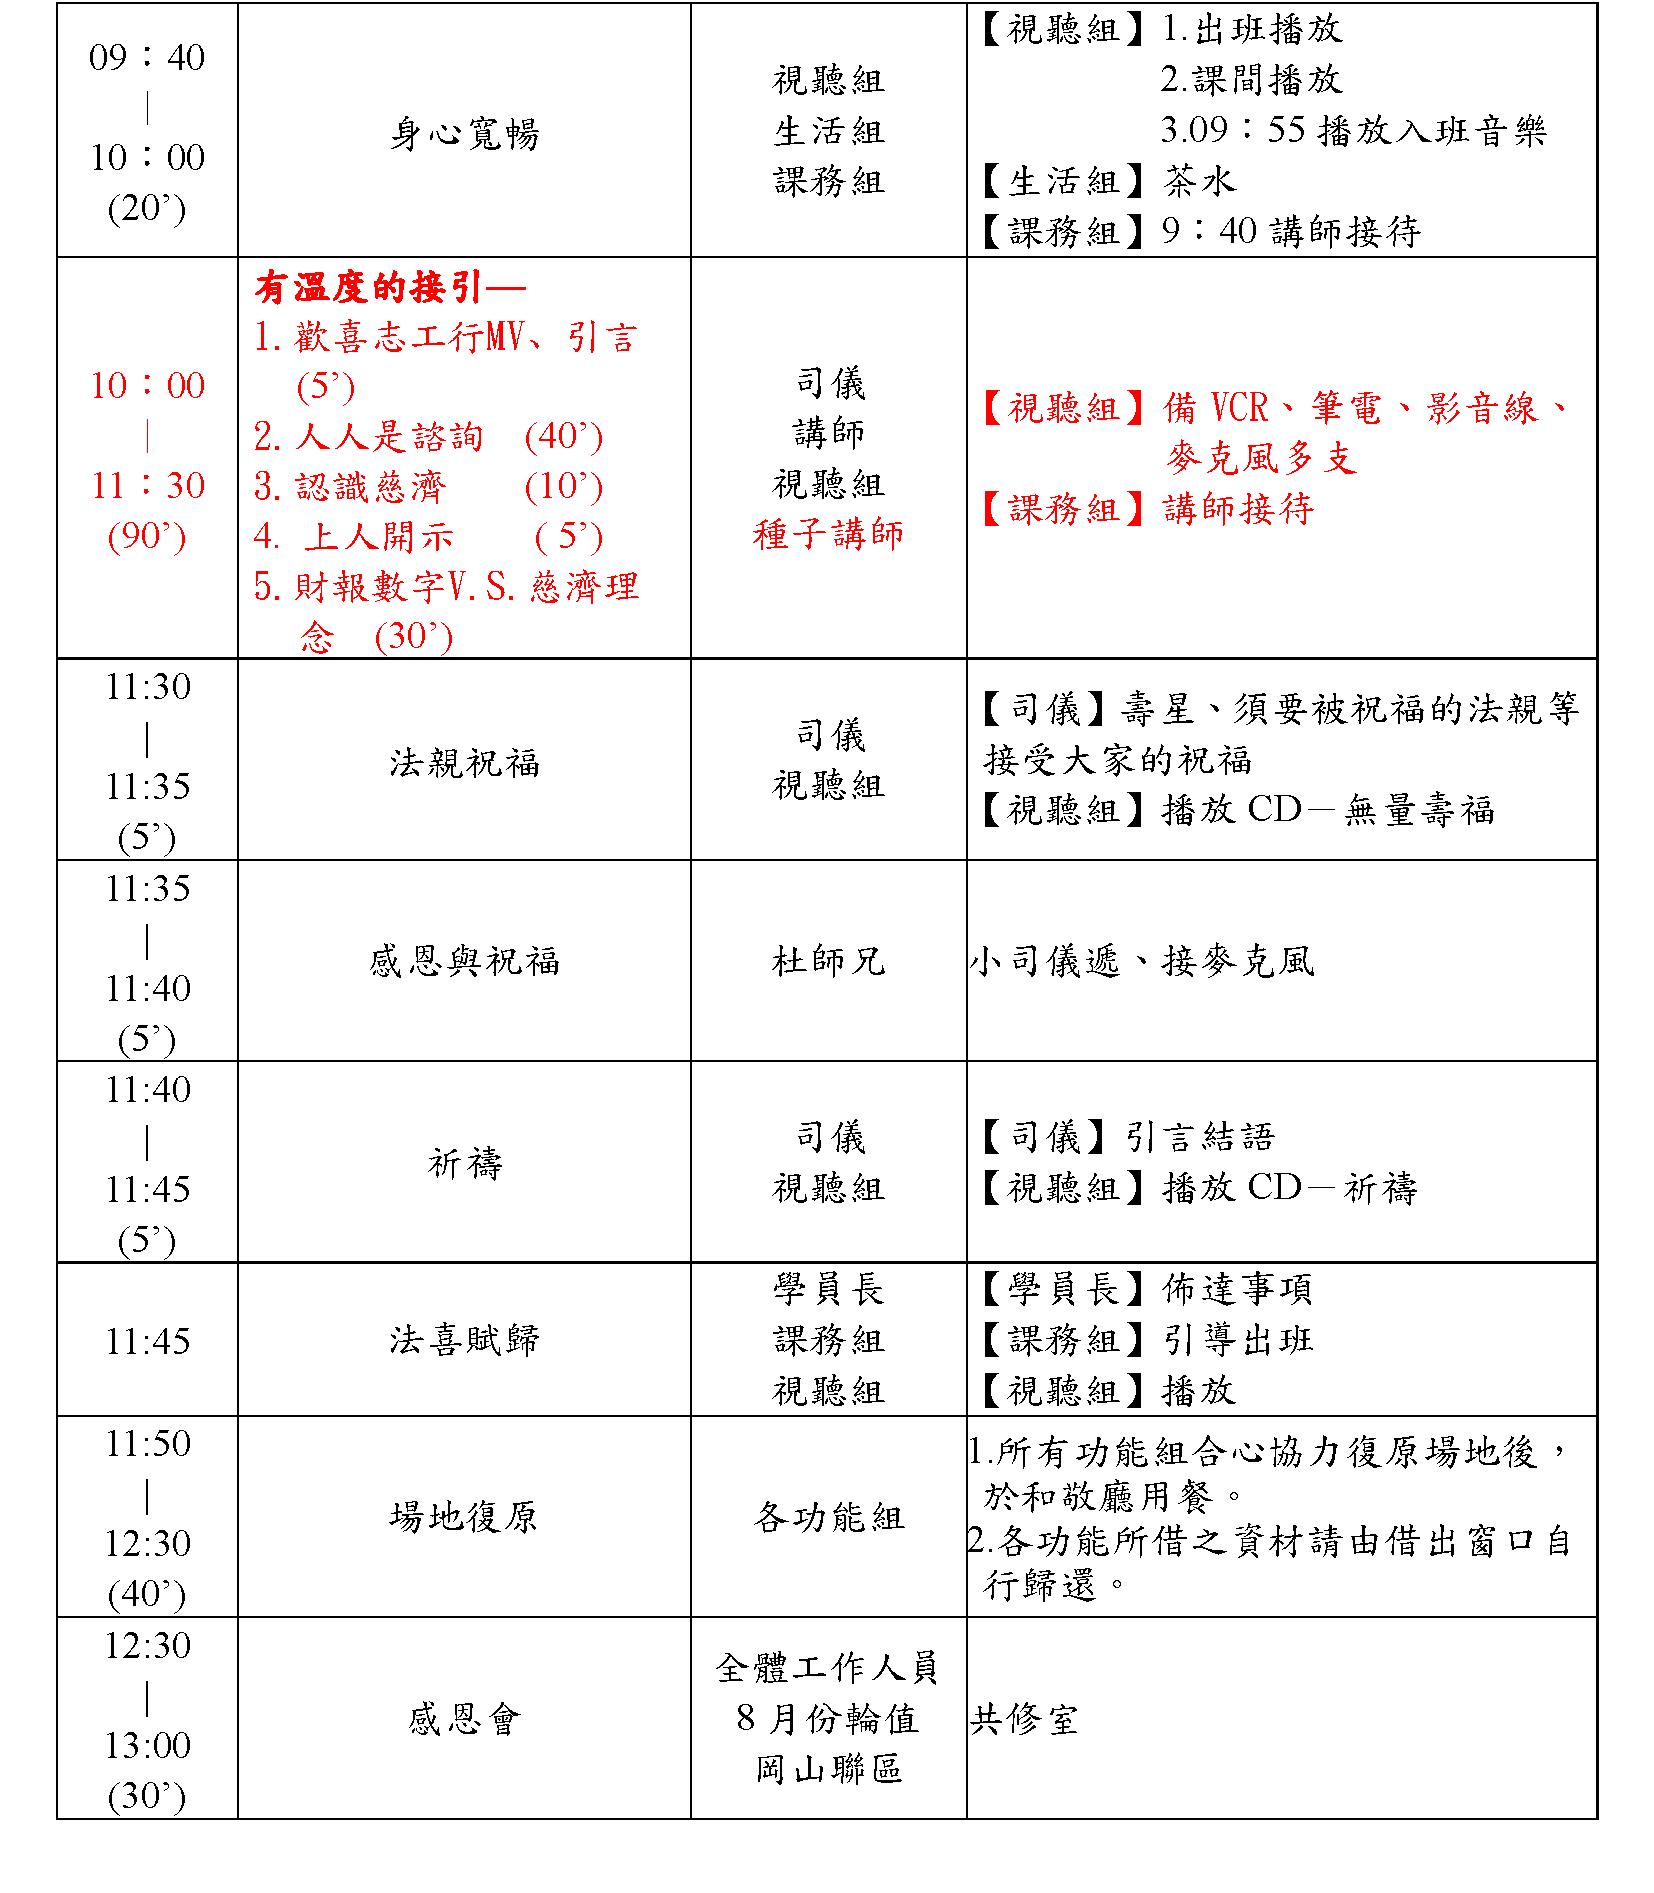 20150705精進日簡易流程A版(0623)_頁面_2.png